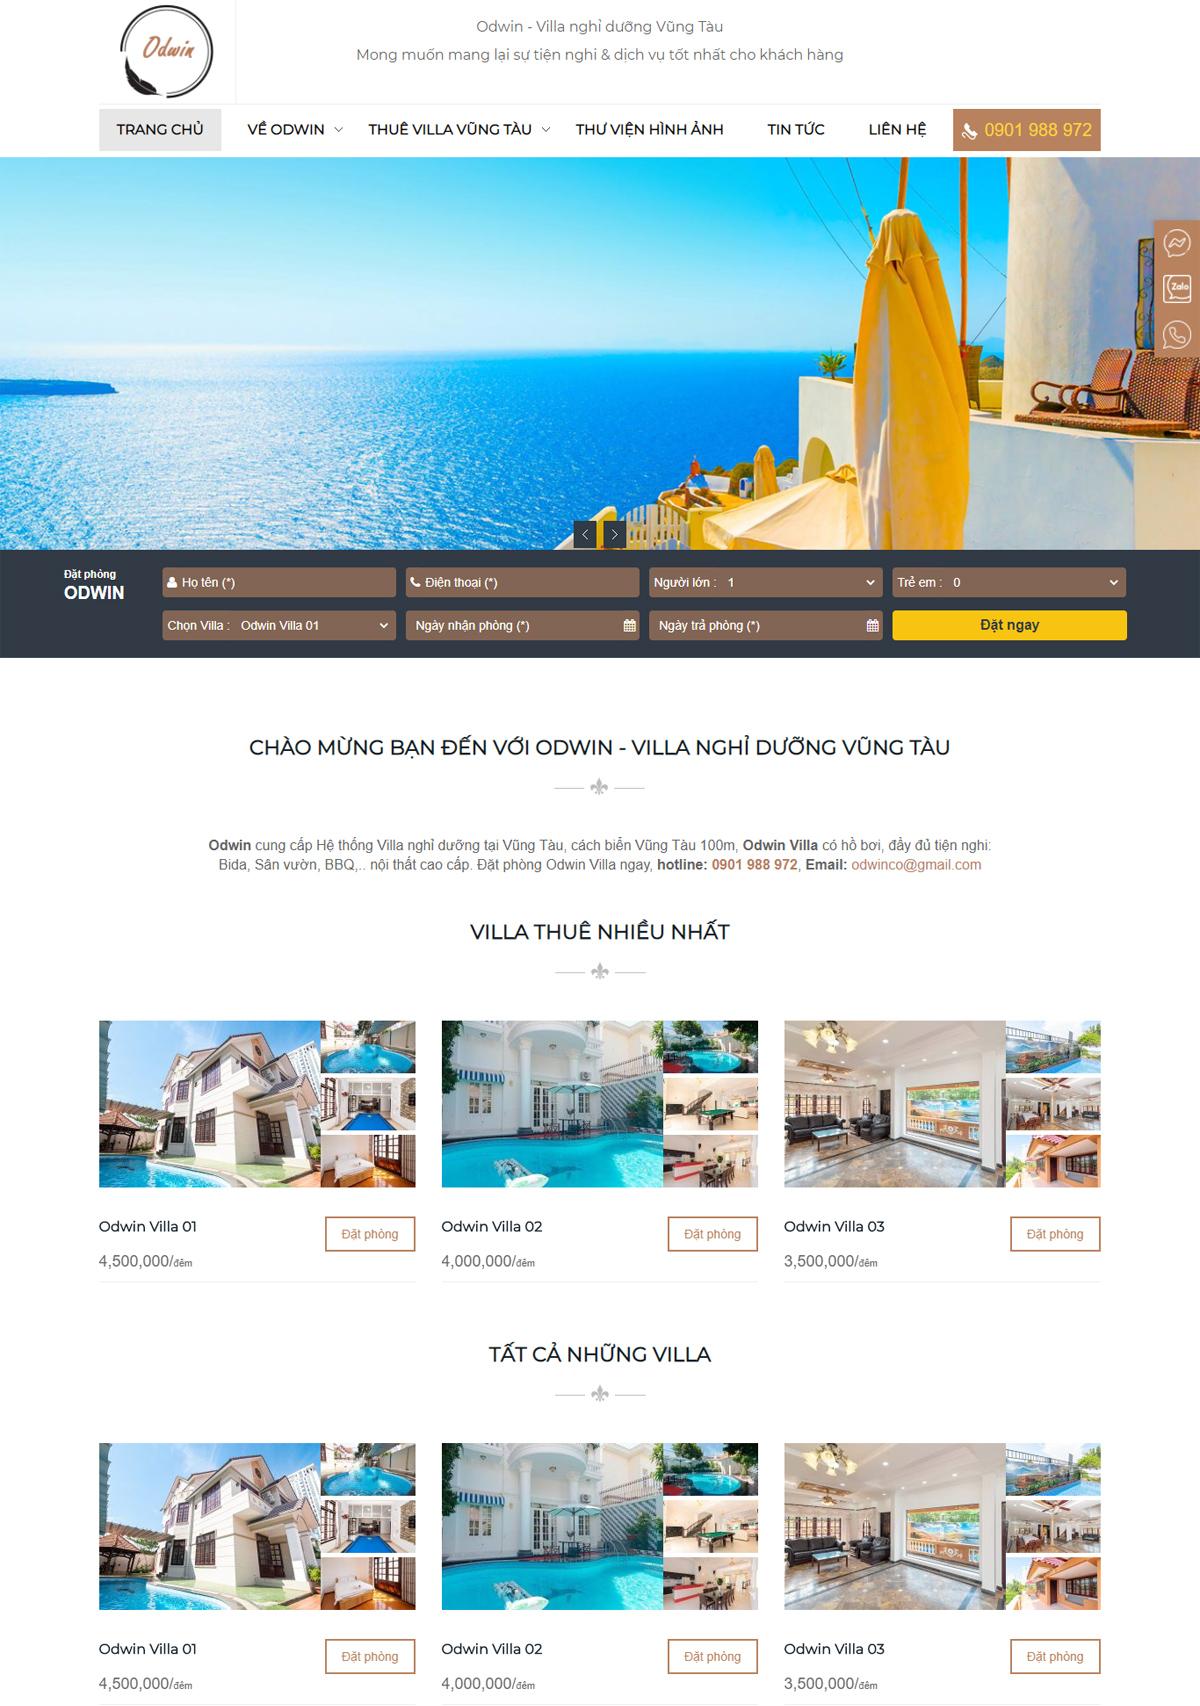 Thiết kế website cho thuê villa odwin.vn